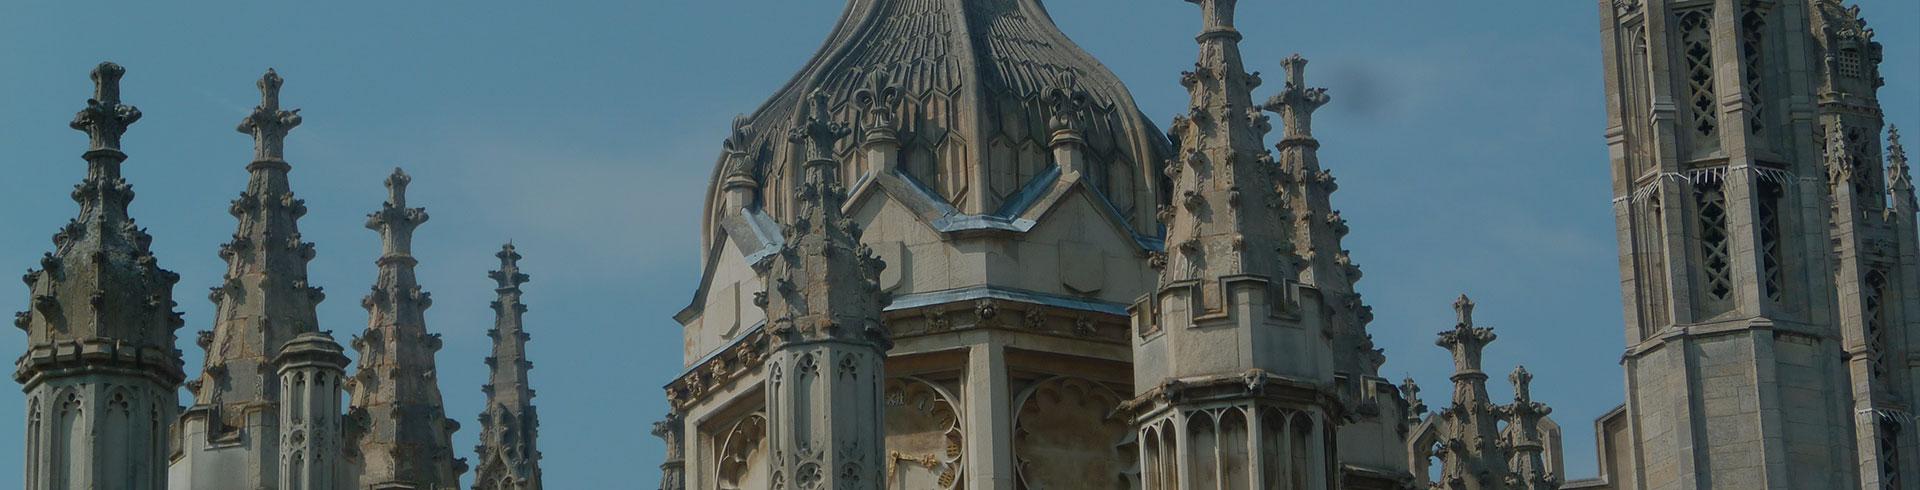 沈阳音乐学院本校区_剑桥视觉及表演艺术学院 -排名-专业-学费-申请条件-ACG